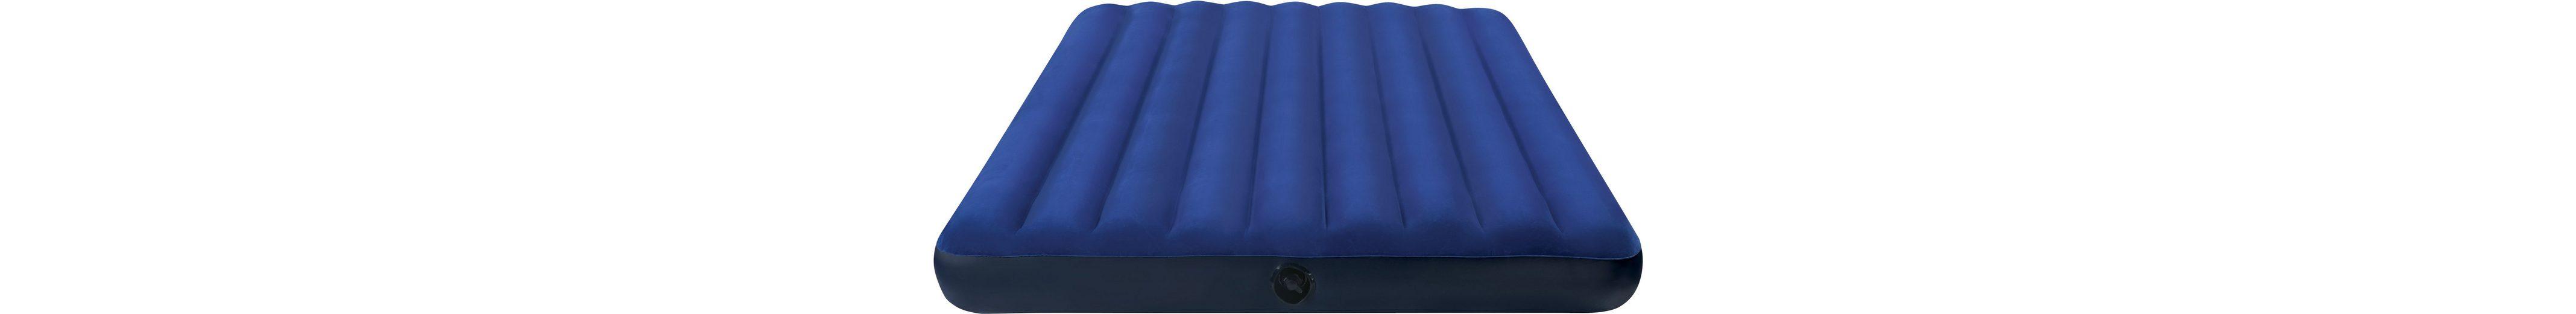 Intex Luftbett, 191/76/22 cm, blau, »Classic Downy Bed«